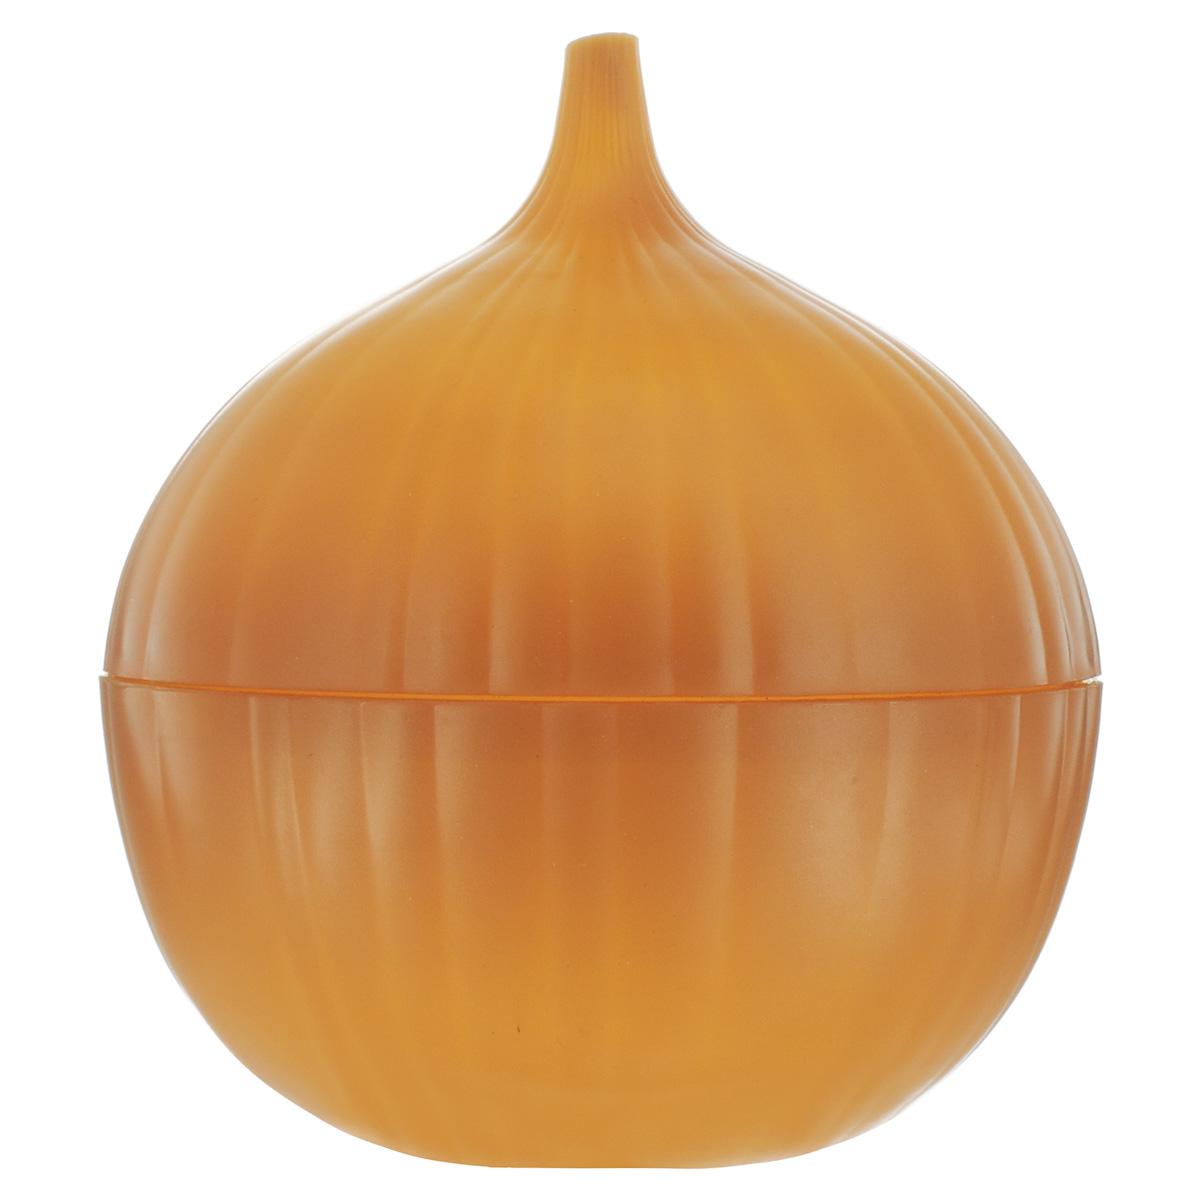 Контейнер для хранения лука FackelmannАксион Т-33Контейнер для хранения репчатого лука Fackelmann изготовлен из пластика. Контейнер дольше сохраняет полезные свойства разрезанного лука, предотвращает распространение запаха и бережет лук от высыхания.Оригинальный дизайн контейнера, выполненного в виде луковицы, украсит ваш кухонный стол. Размер контейнера: 11,5 см х 14 см х 11,5 см.